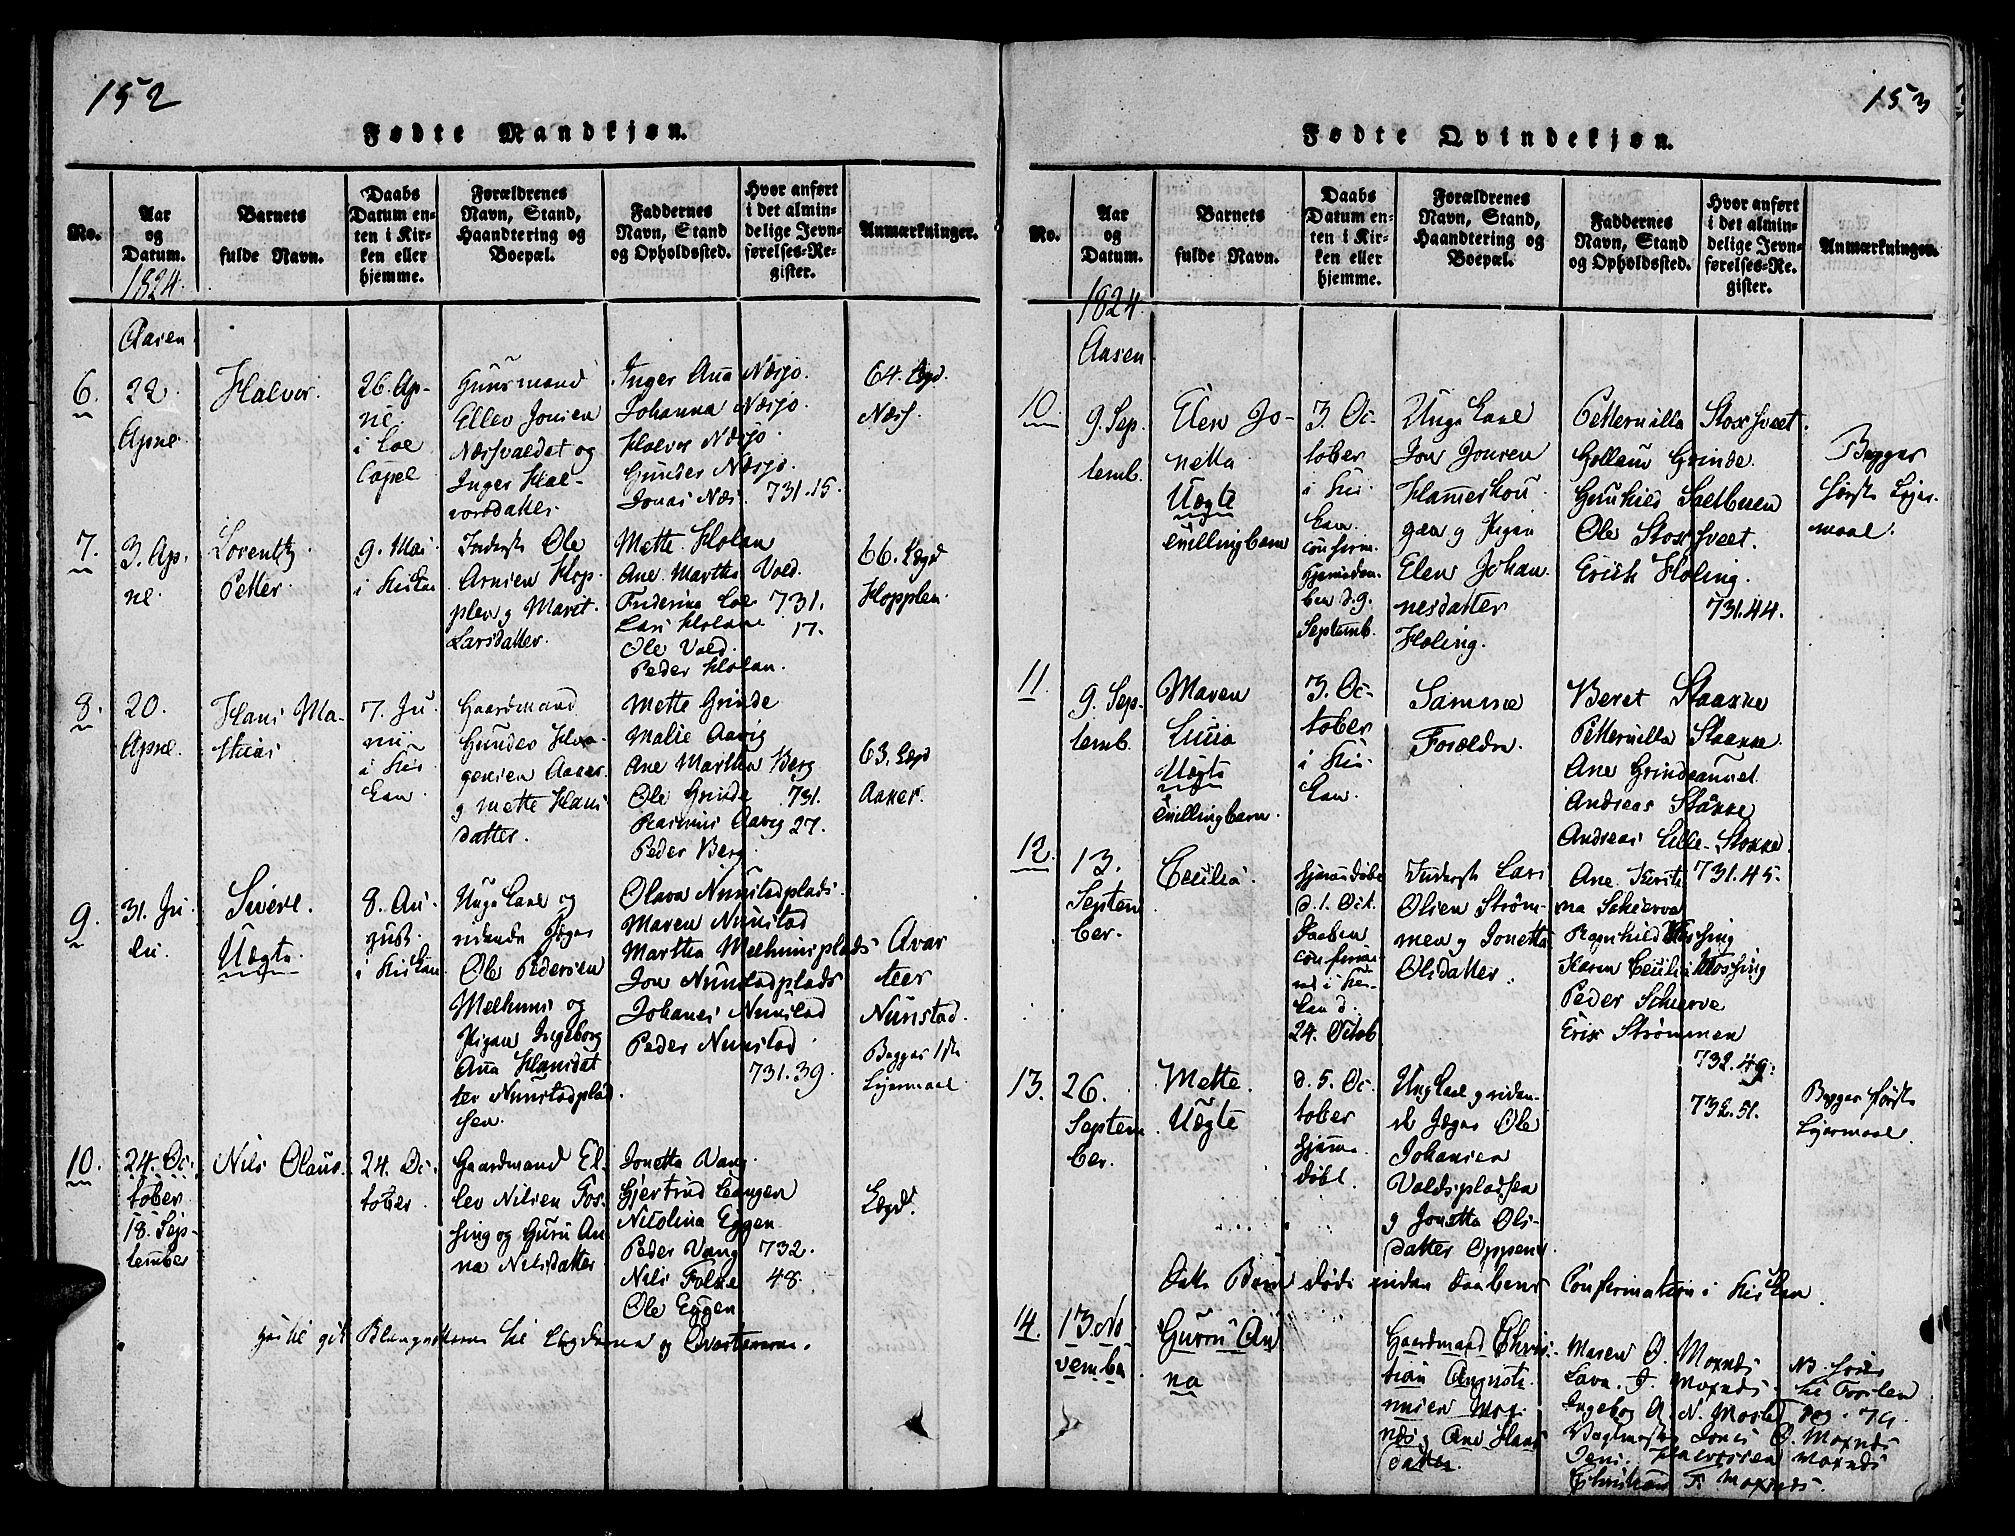 SAT, Ministerialprotokoller, klokkerbøker og fødselsregistre - Nord-Trøndelag, 713/L0112: Ministerialbok nr. 713A04 /2, 1817-1827, s. 152-153